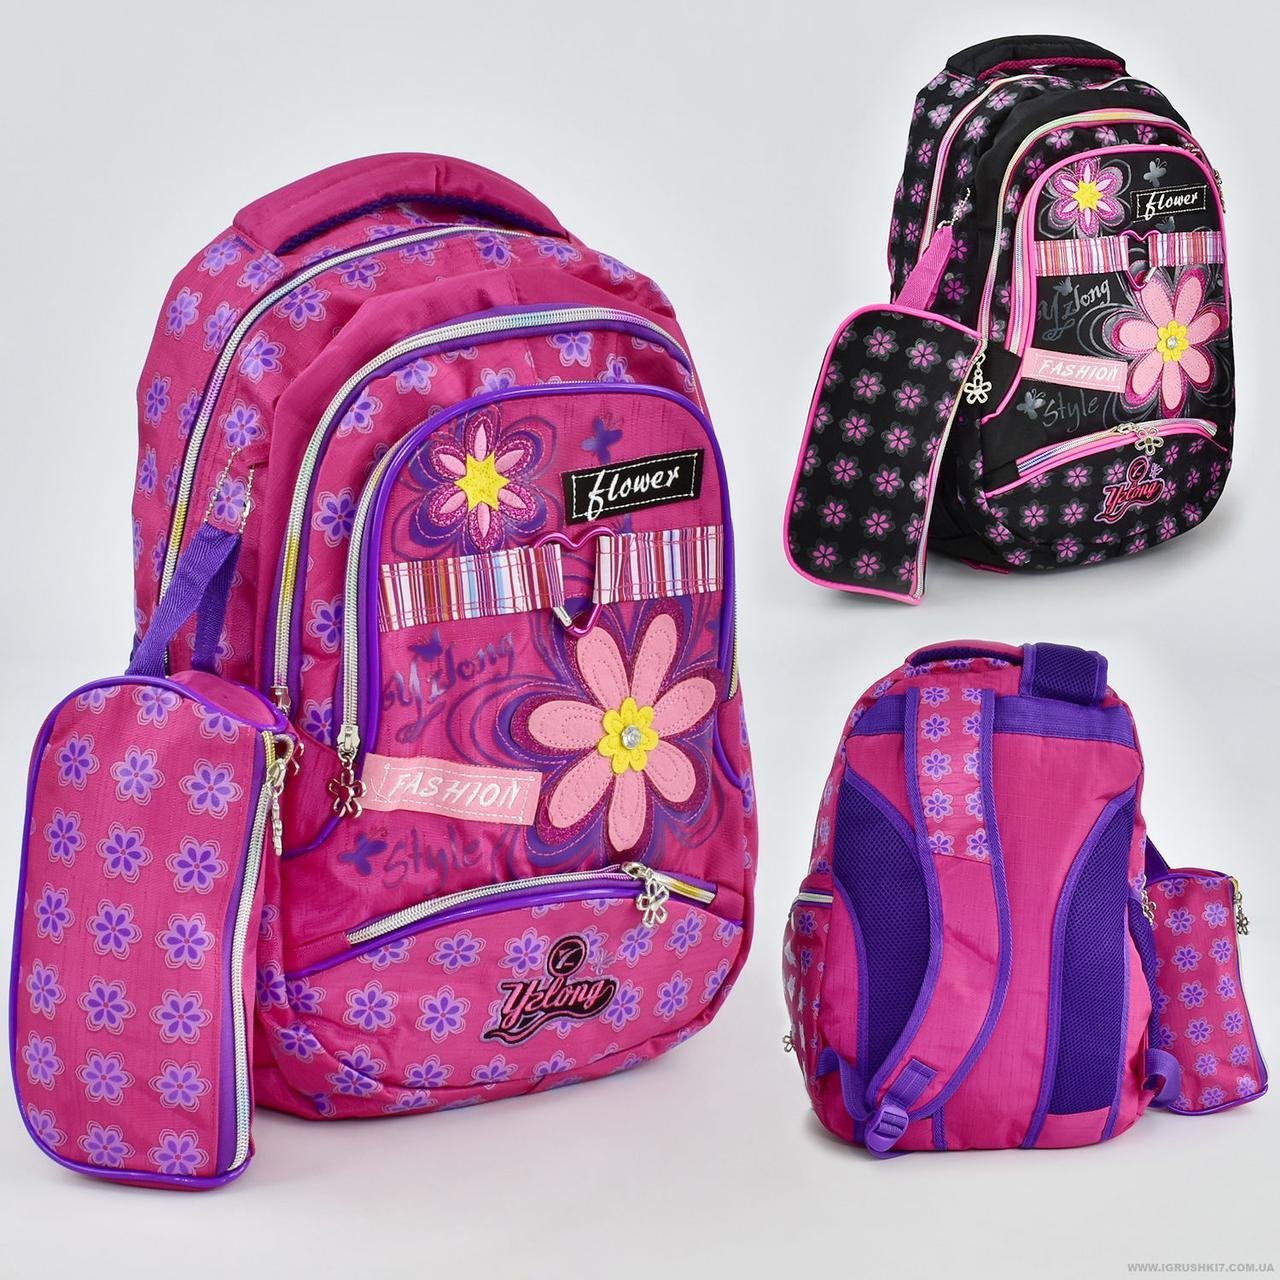 Рюкзак школьный  , 3 вида, 3 отделения, 3 кармана, пенал, спинка ортопедическая